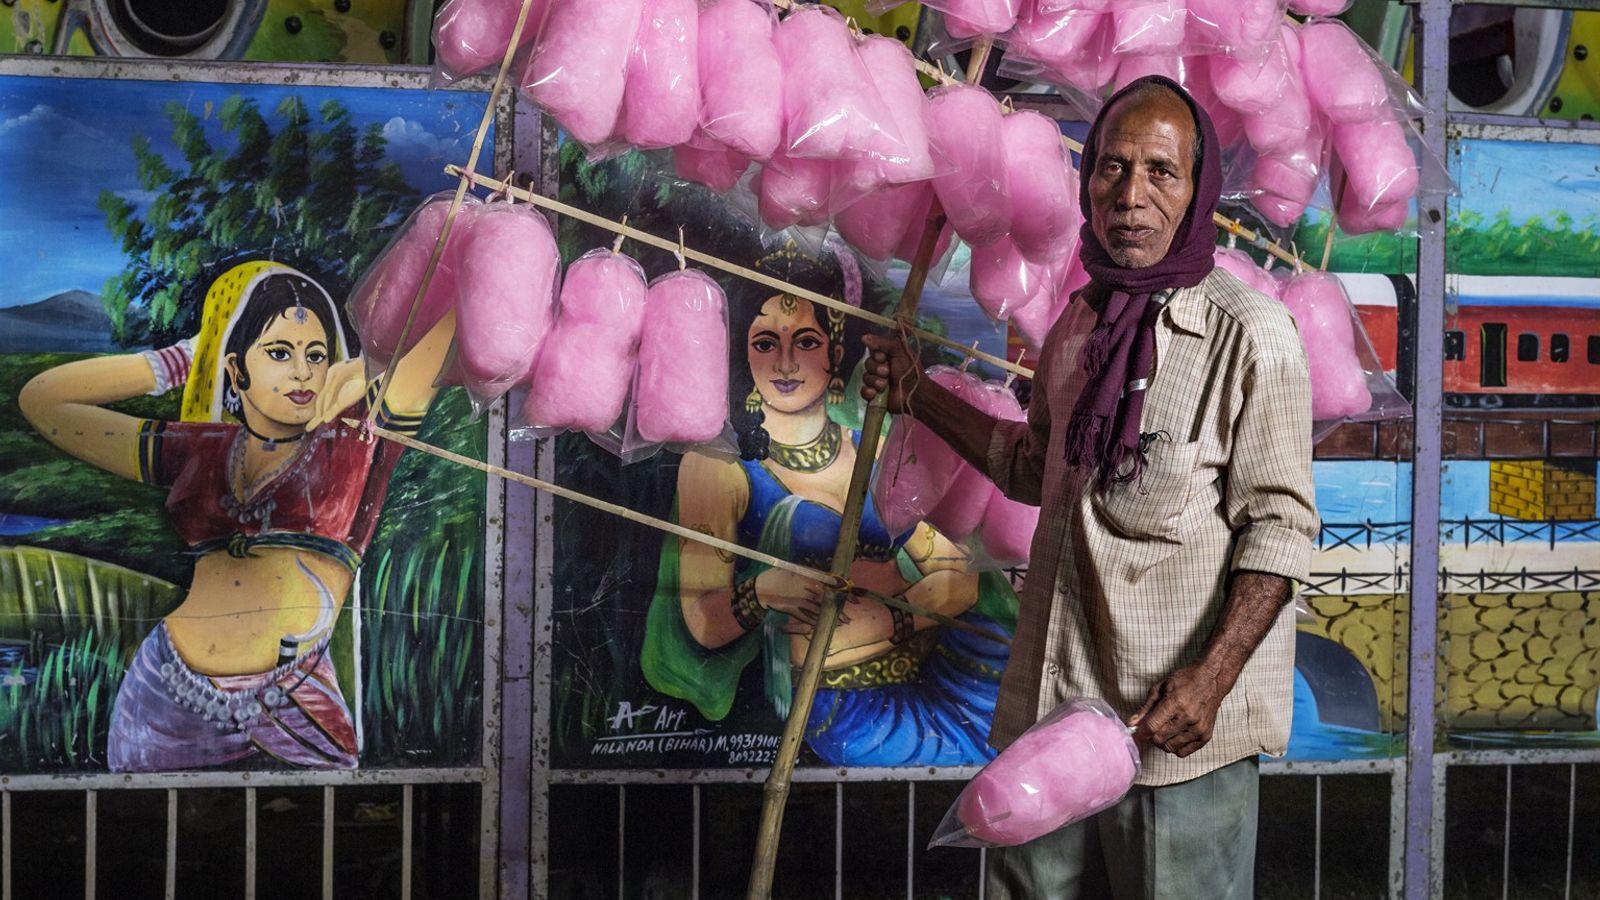 Rajeshwar Halder vend des barbes à papa au Bengale-Occidental. Il gagne environ 13 € par semaine.